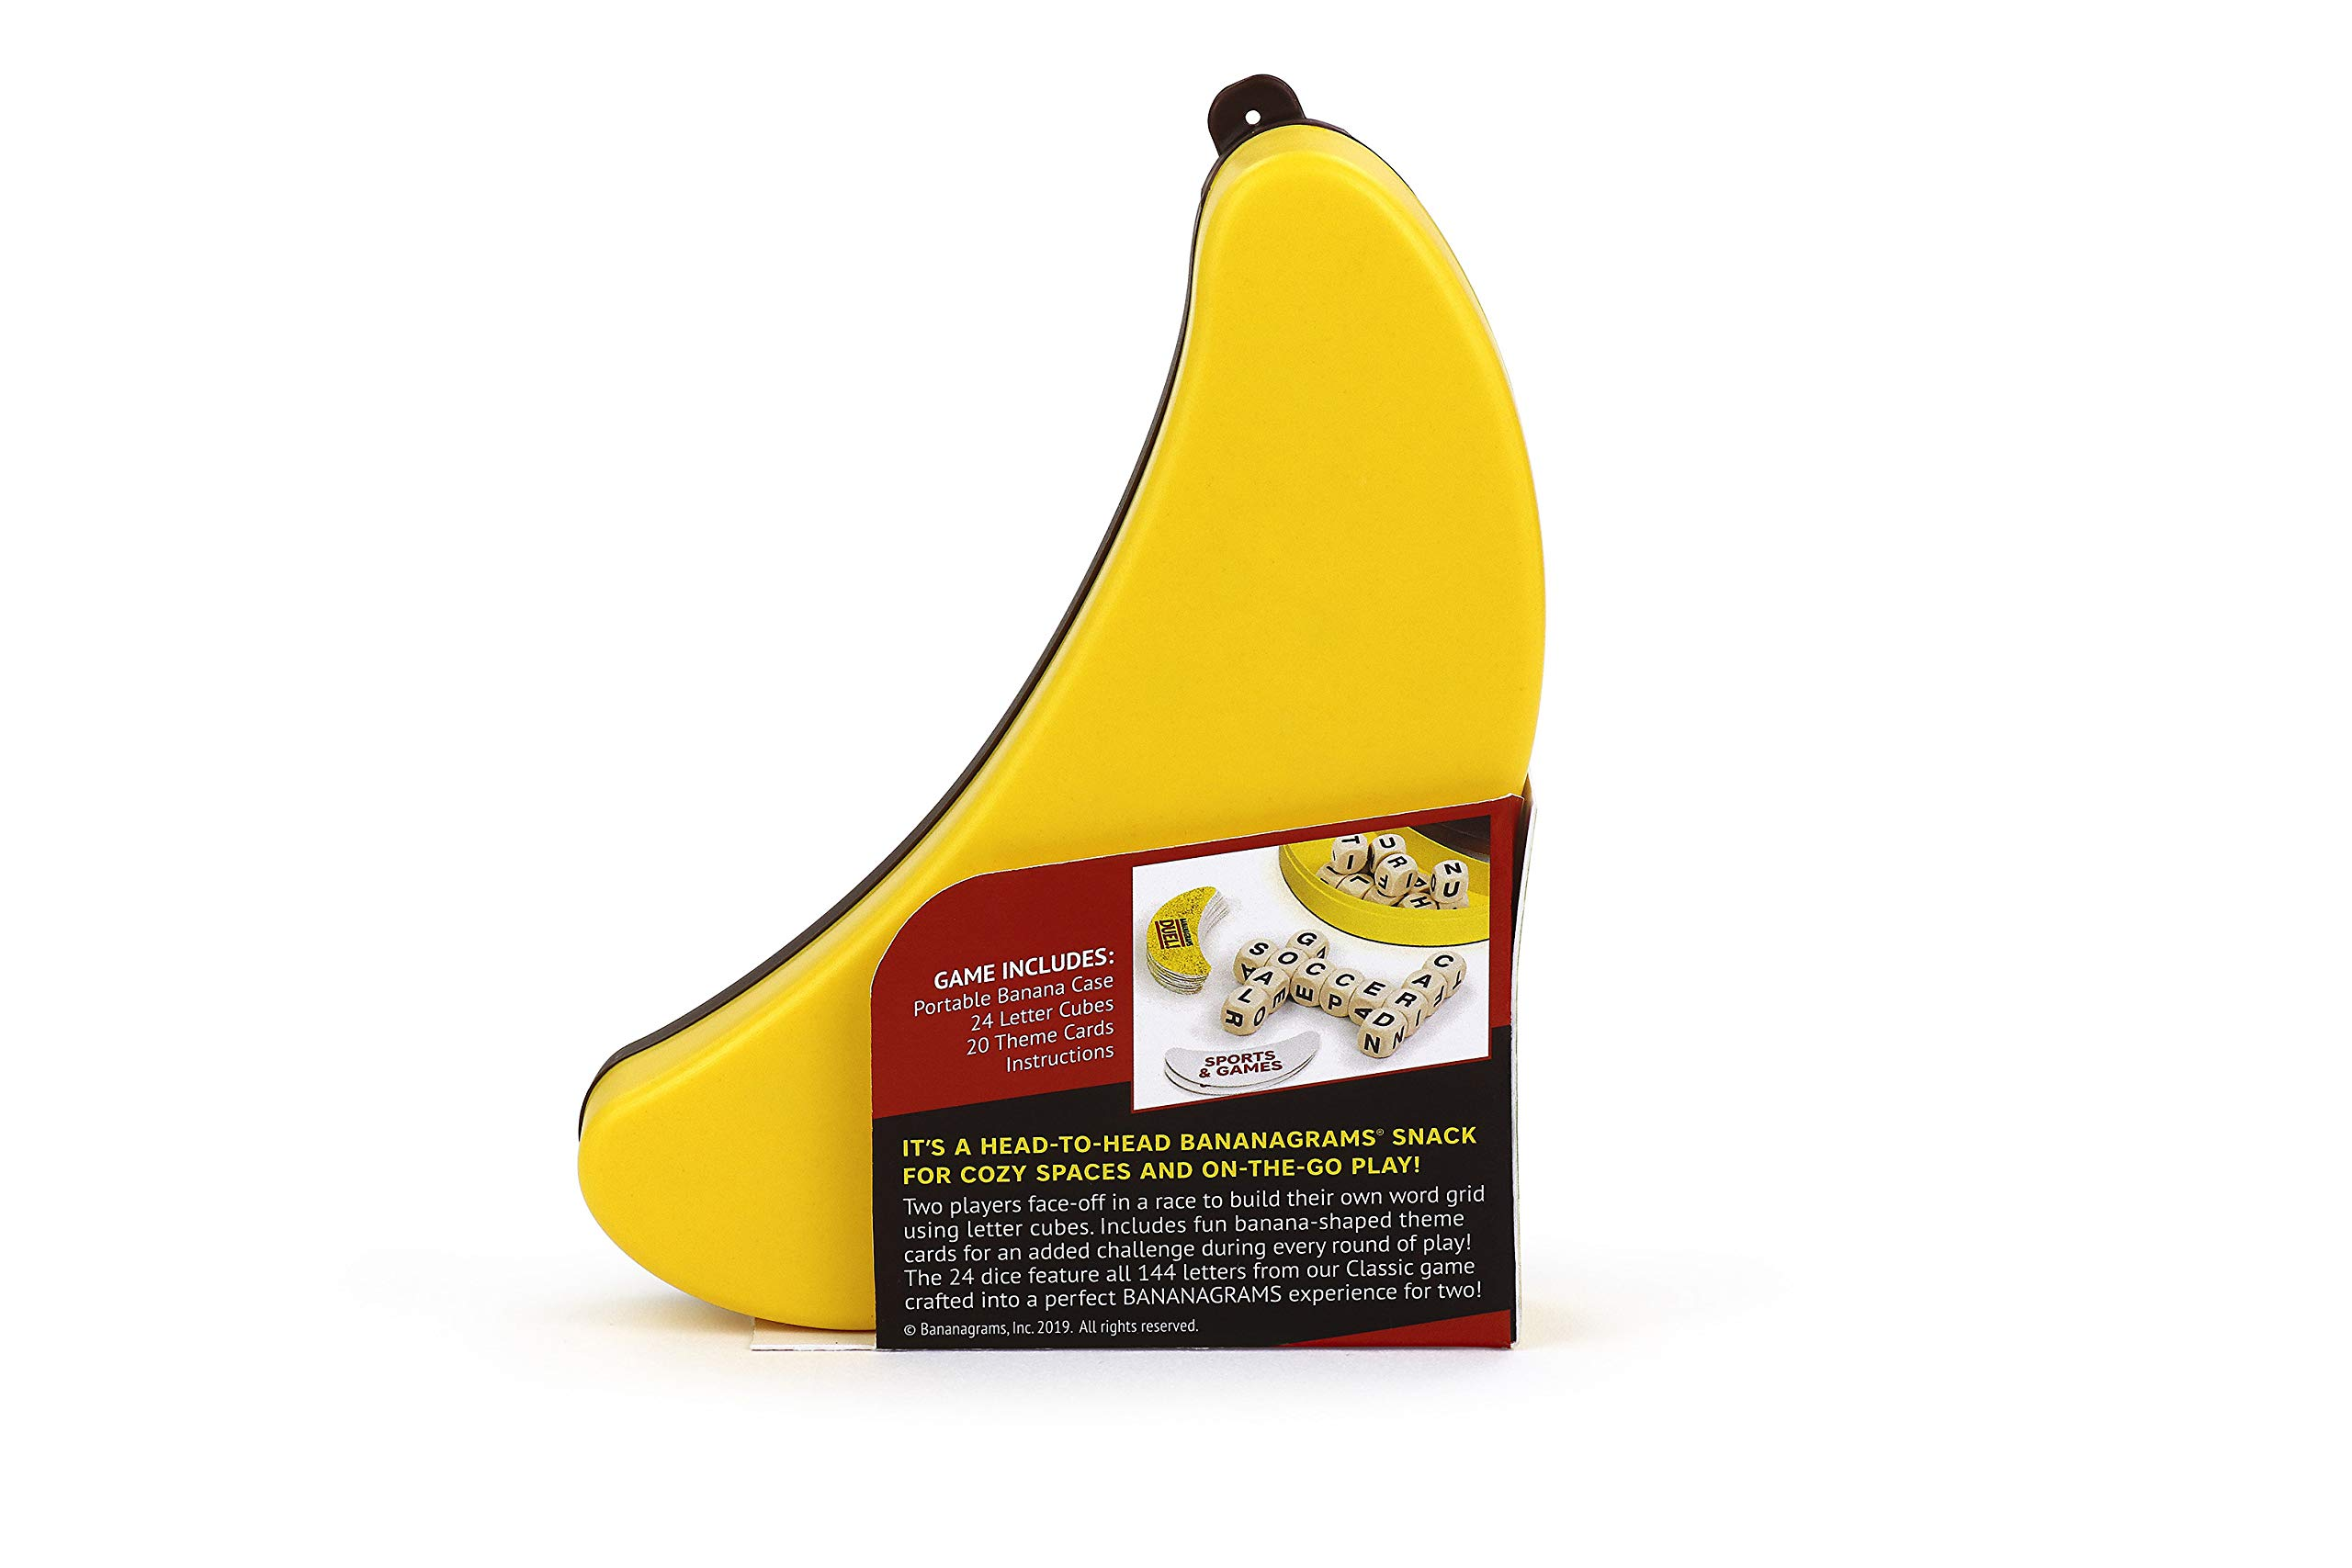 BANANAGRAMS-¡Duelo de bananagramas, colores variados (BANDUE001) , color/modelo surtido: Amazon.es: Juguetes y juegos